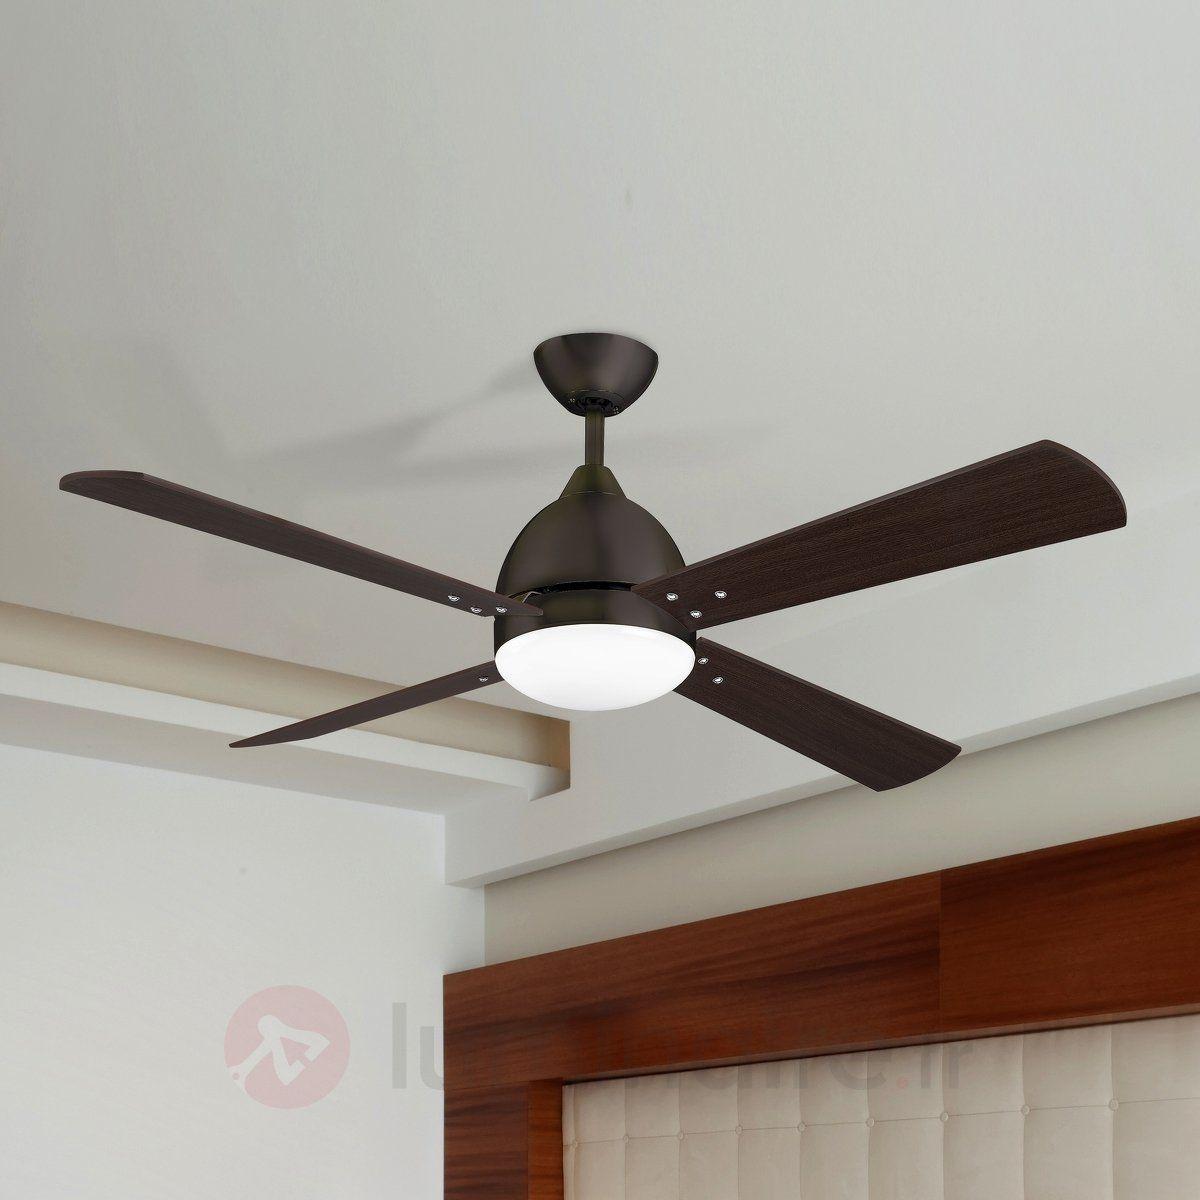 ventilateur de plafond borneo moderne brun - Ventilateur De Plafond Pour Chambre